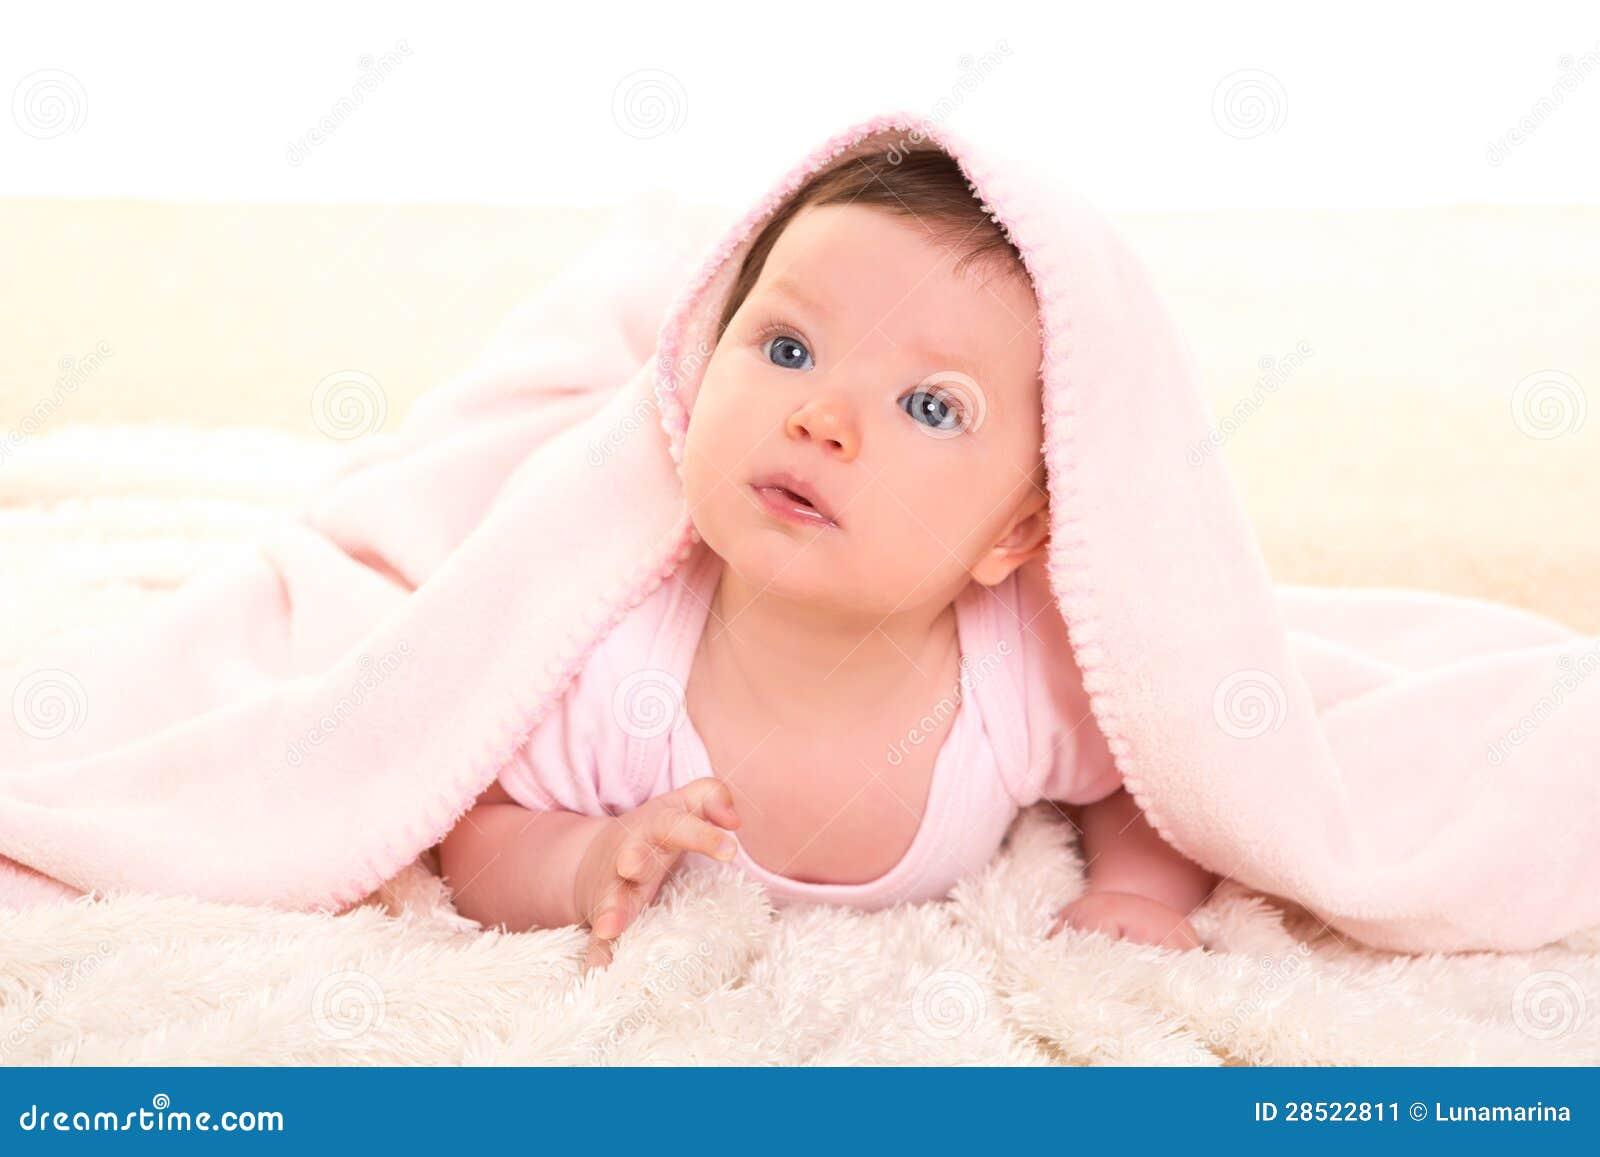 在隐藏的桃红色毯子之下的女婴在空白毛皮